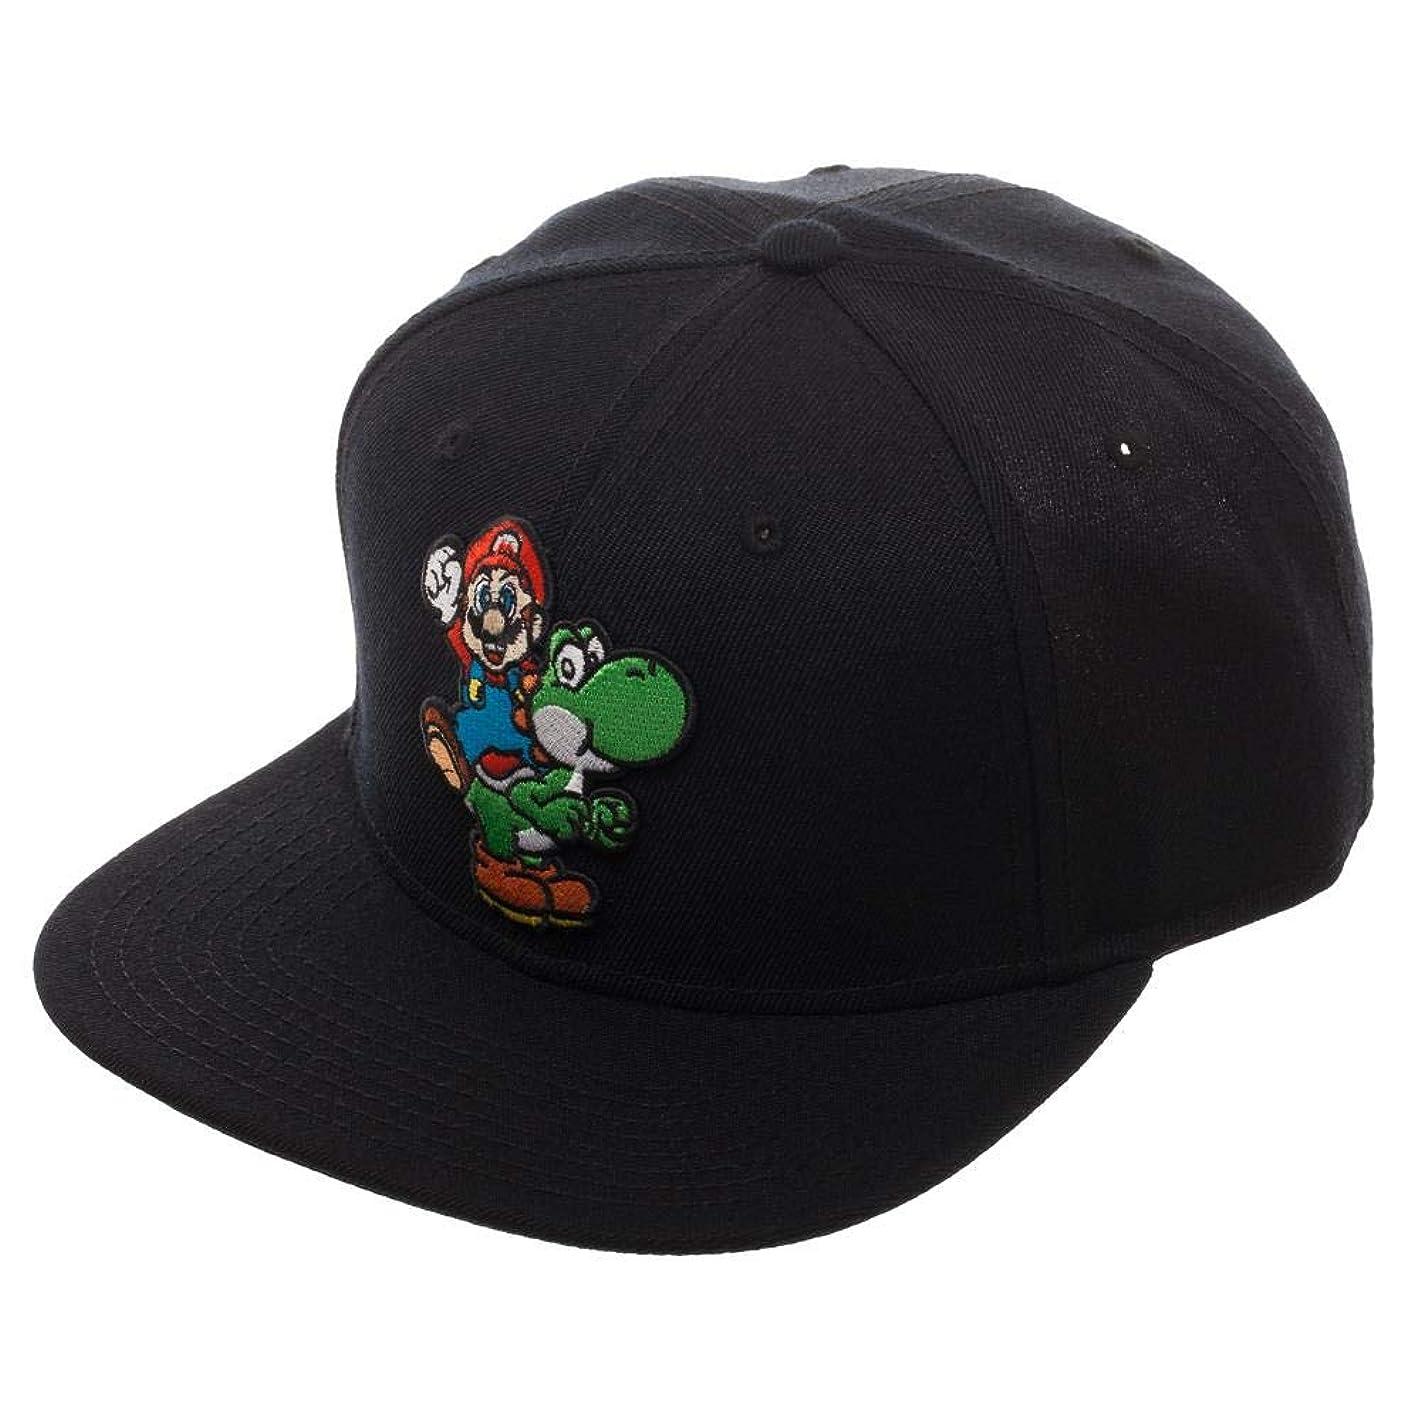 Nintendo Super Mario Bros. Mario and Yoshi Snapback Hat